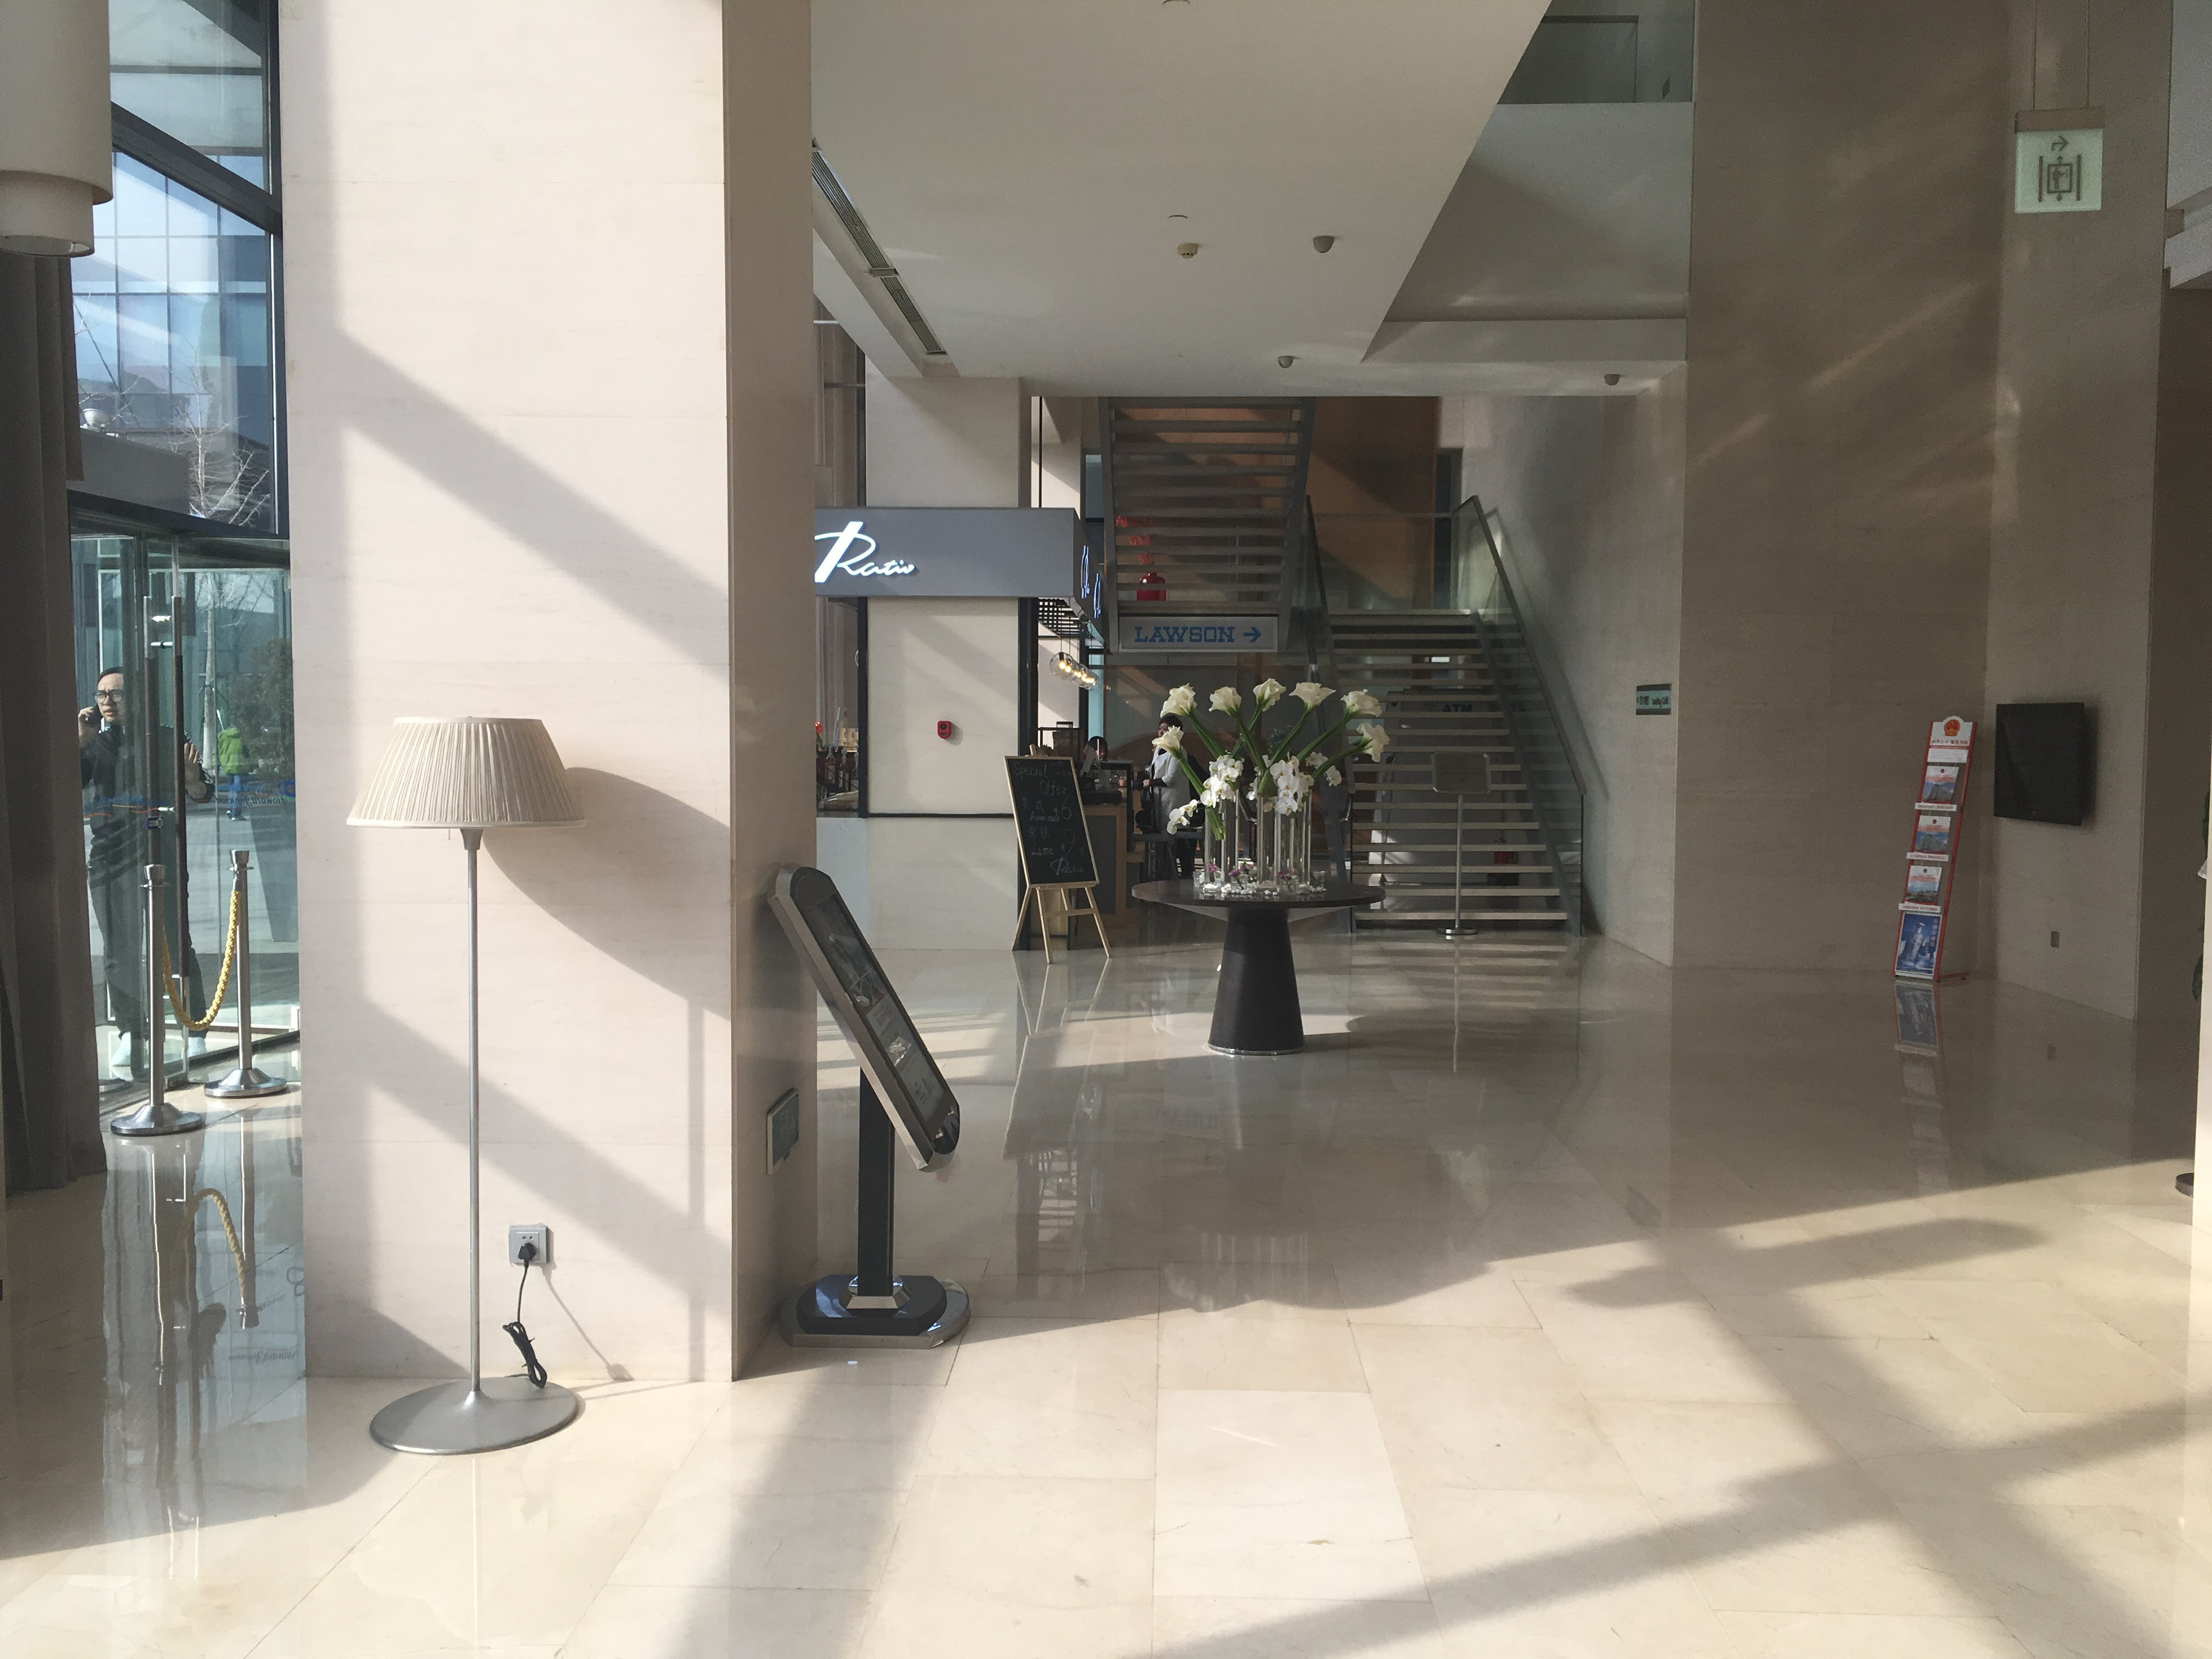 ハワードジョンソンパークランドホテル大連